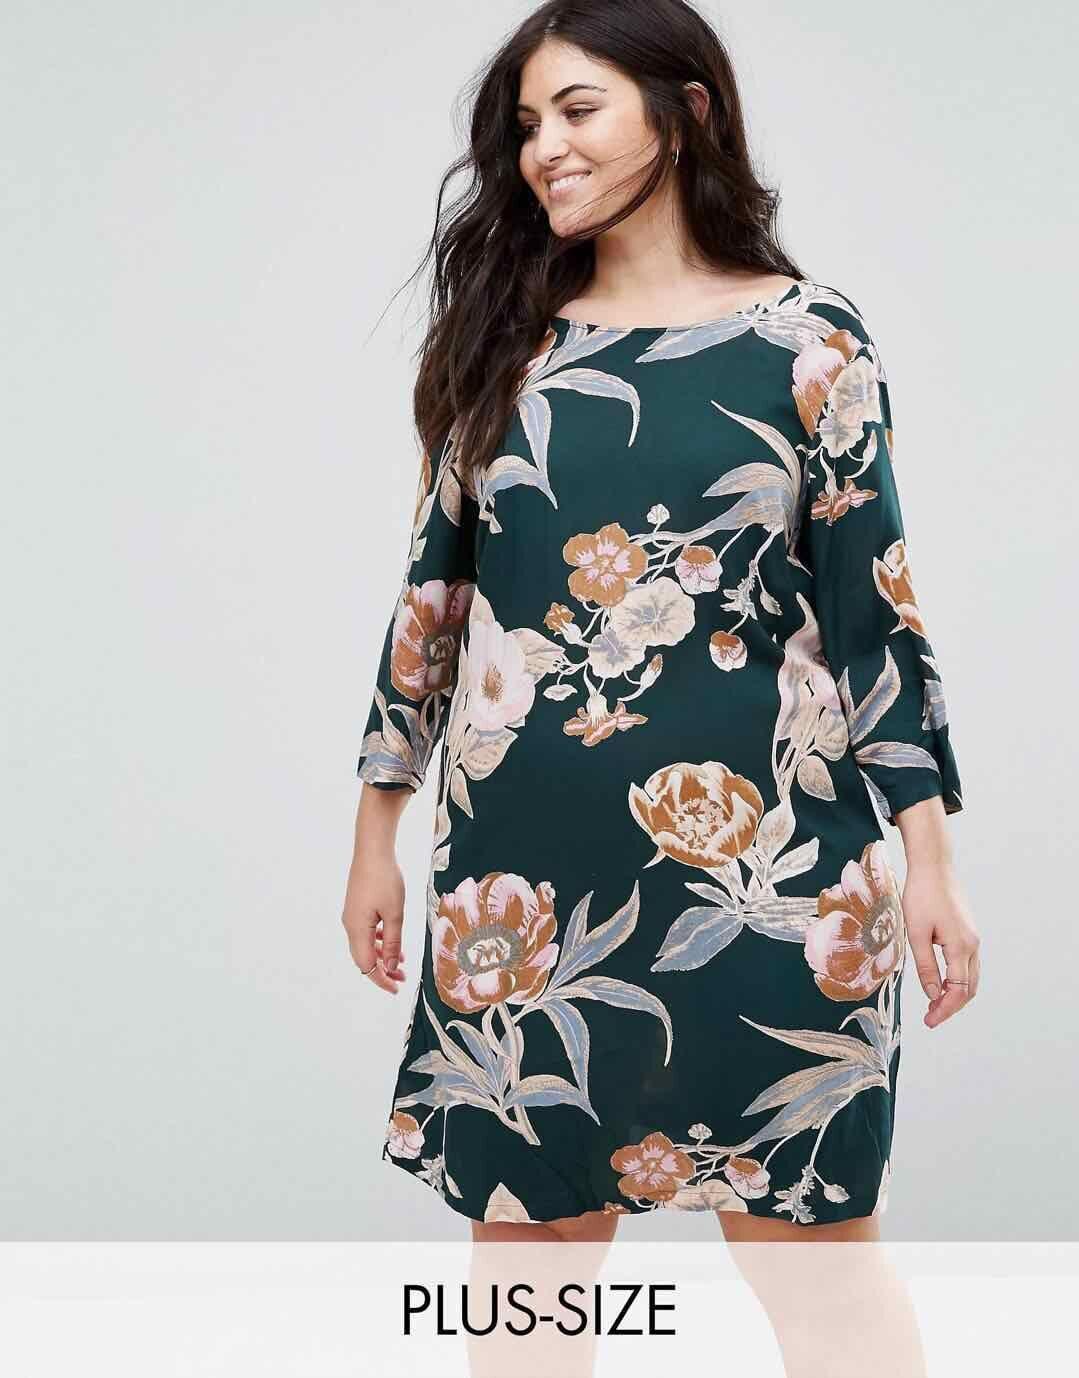 2e8138f1c84c Plus Size Dresses for sale - Plus Size Maxi Dress online brands ...